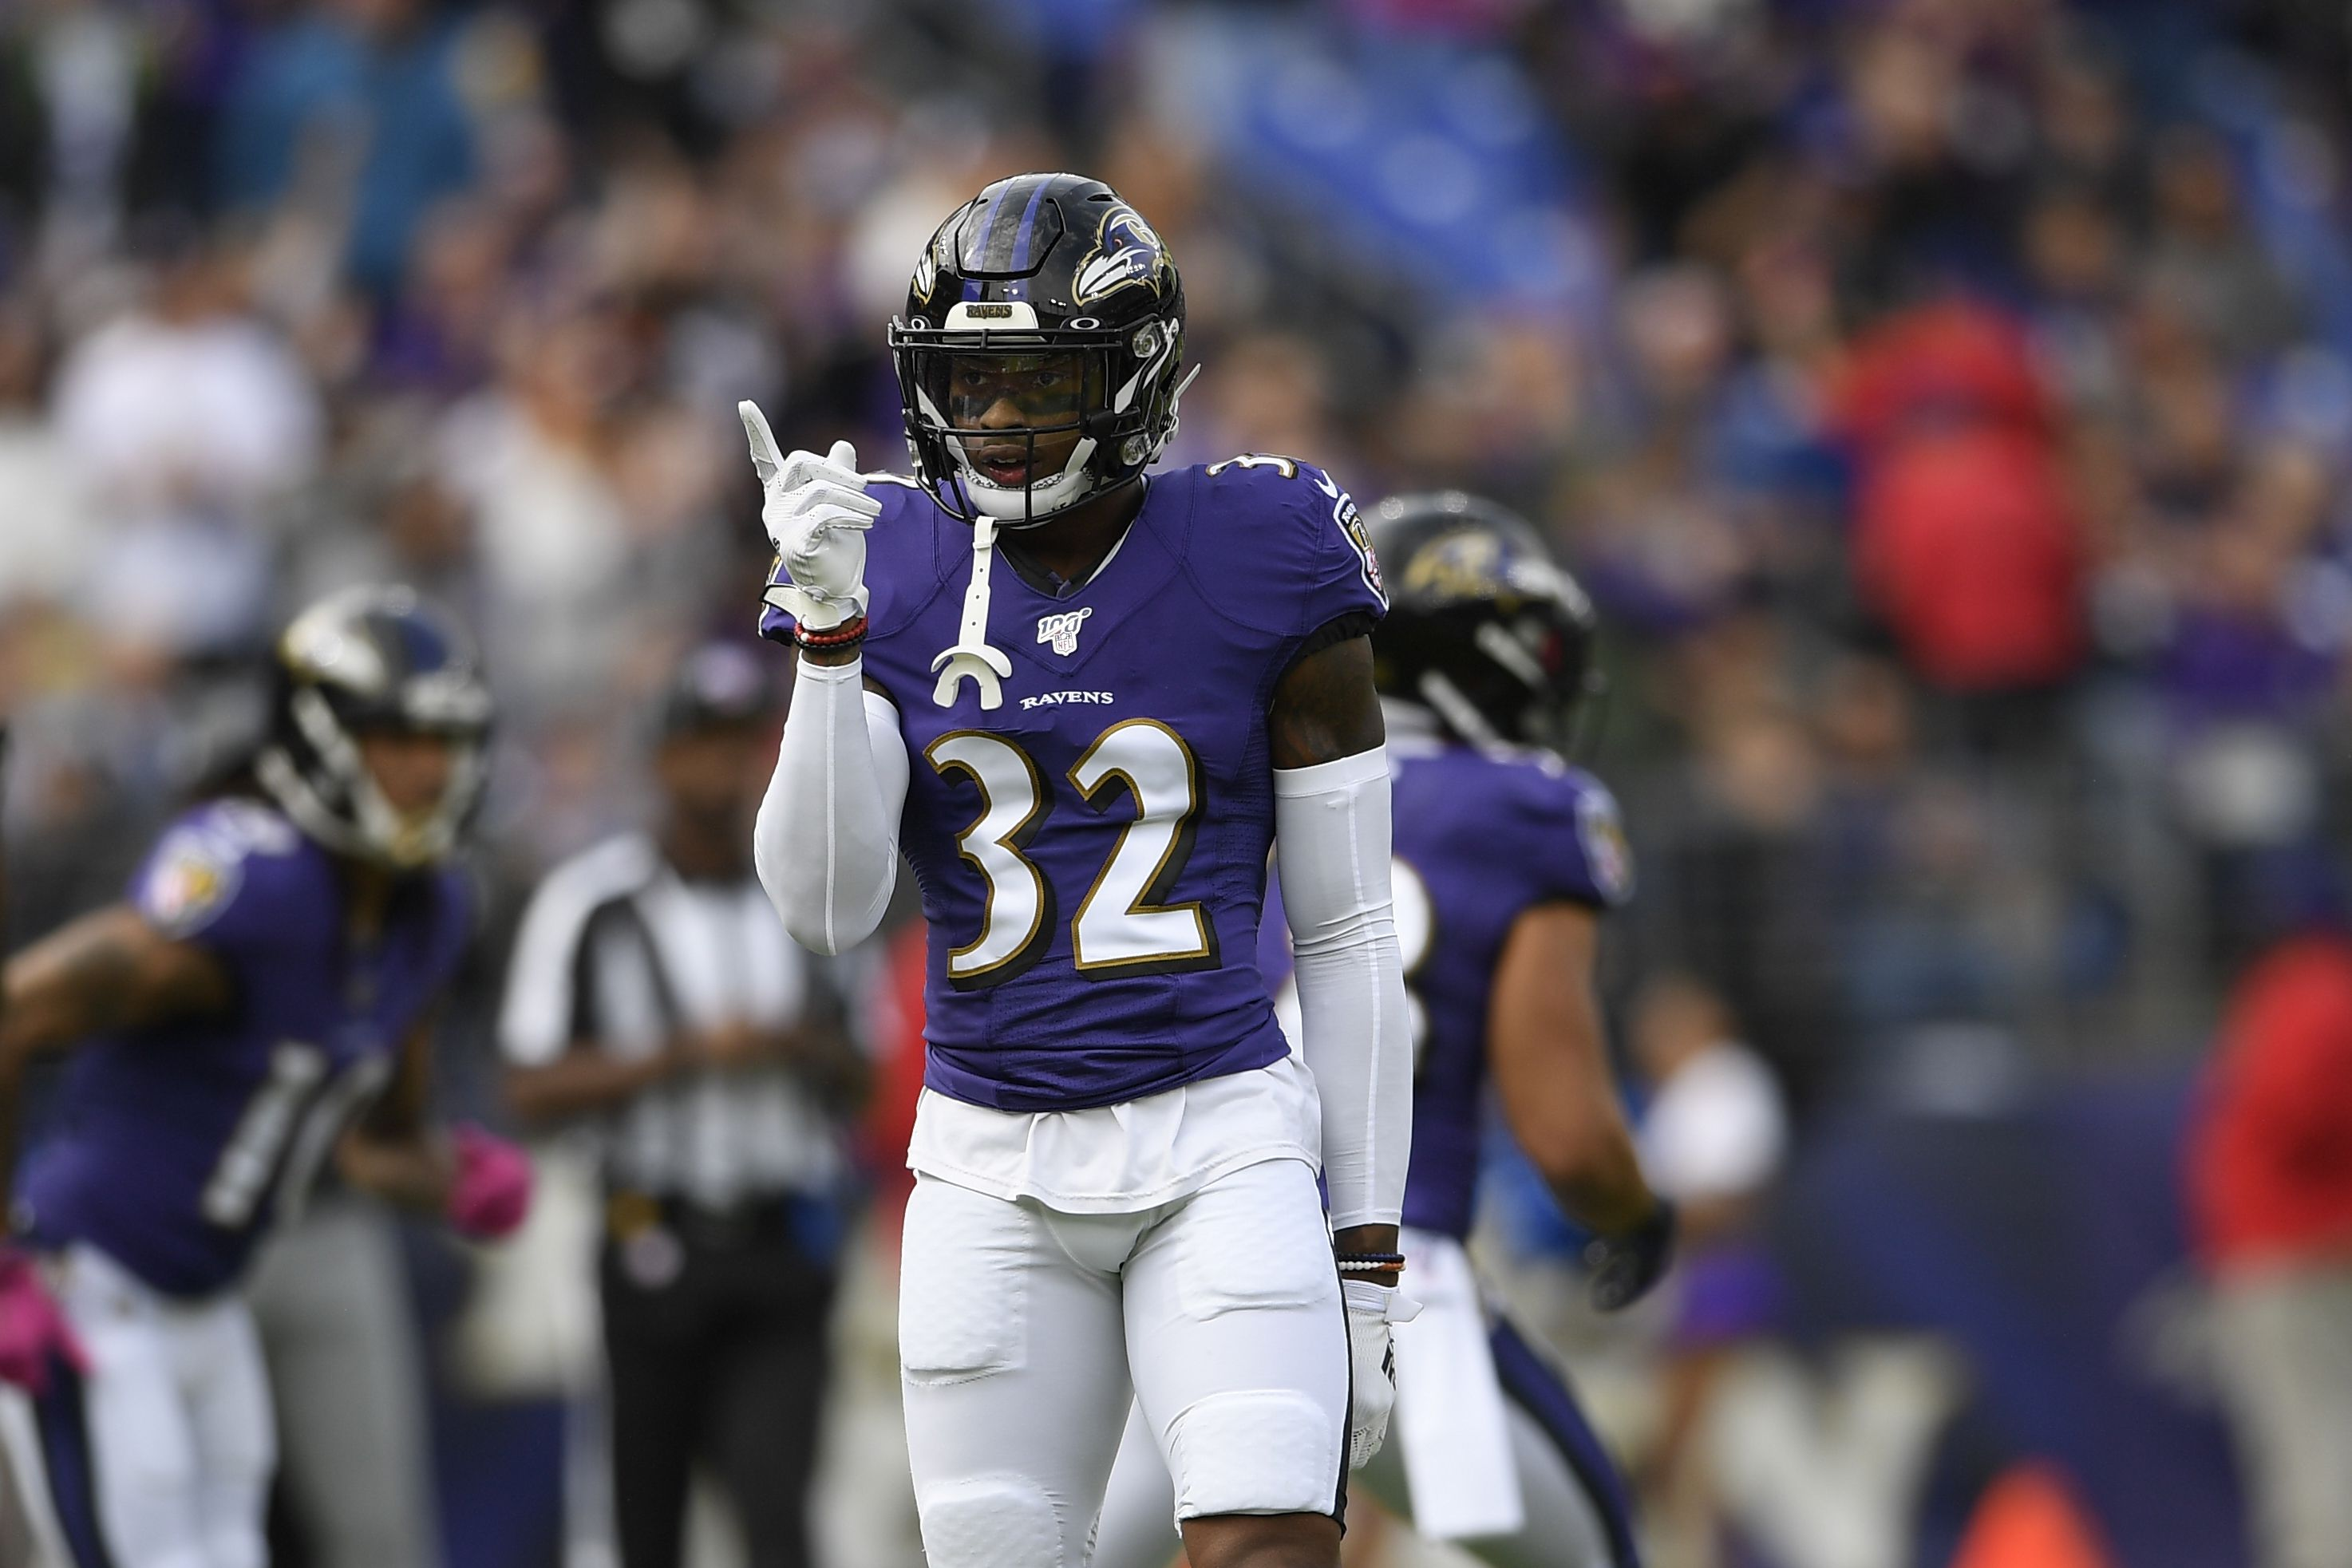 Ravens safety DeShon Elliott's moxie got him here. Does it make ...